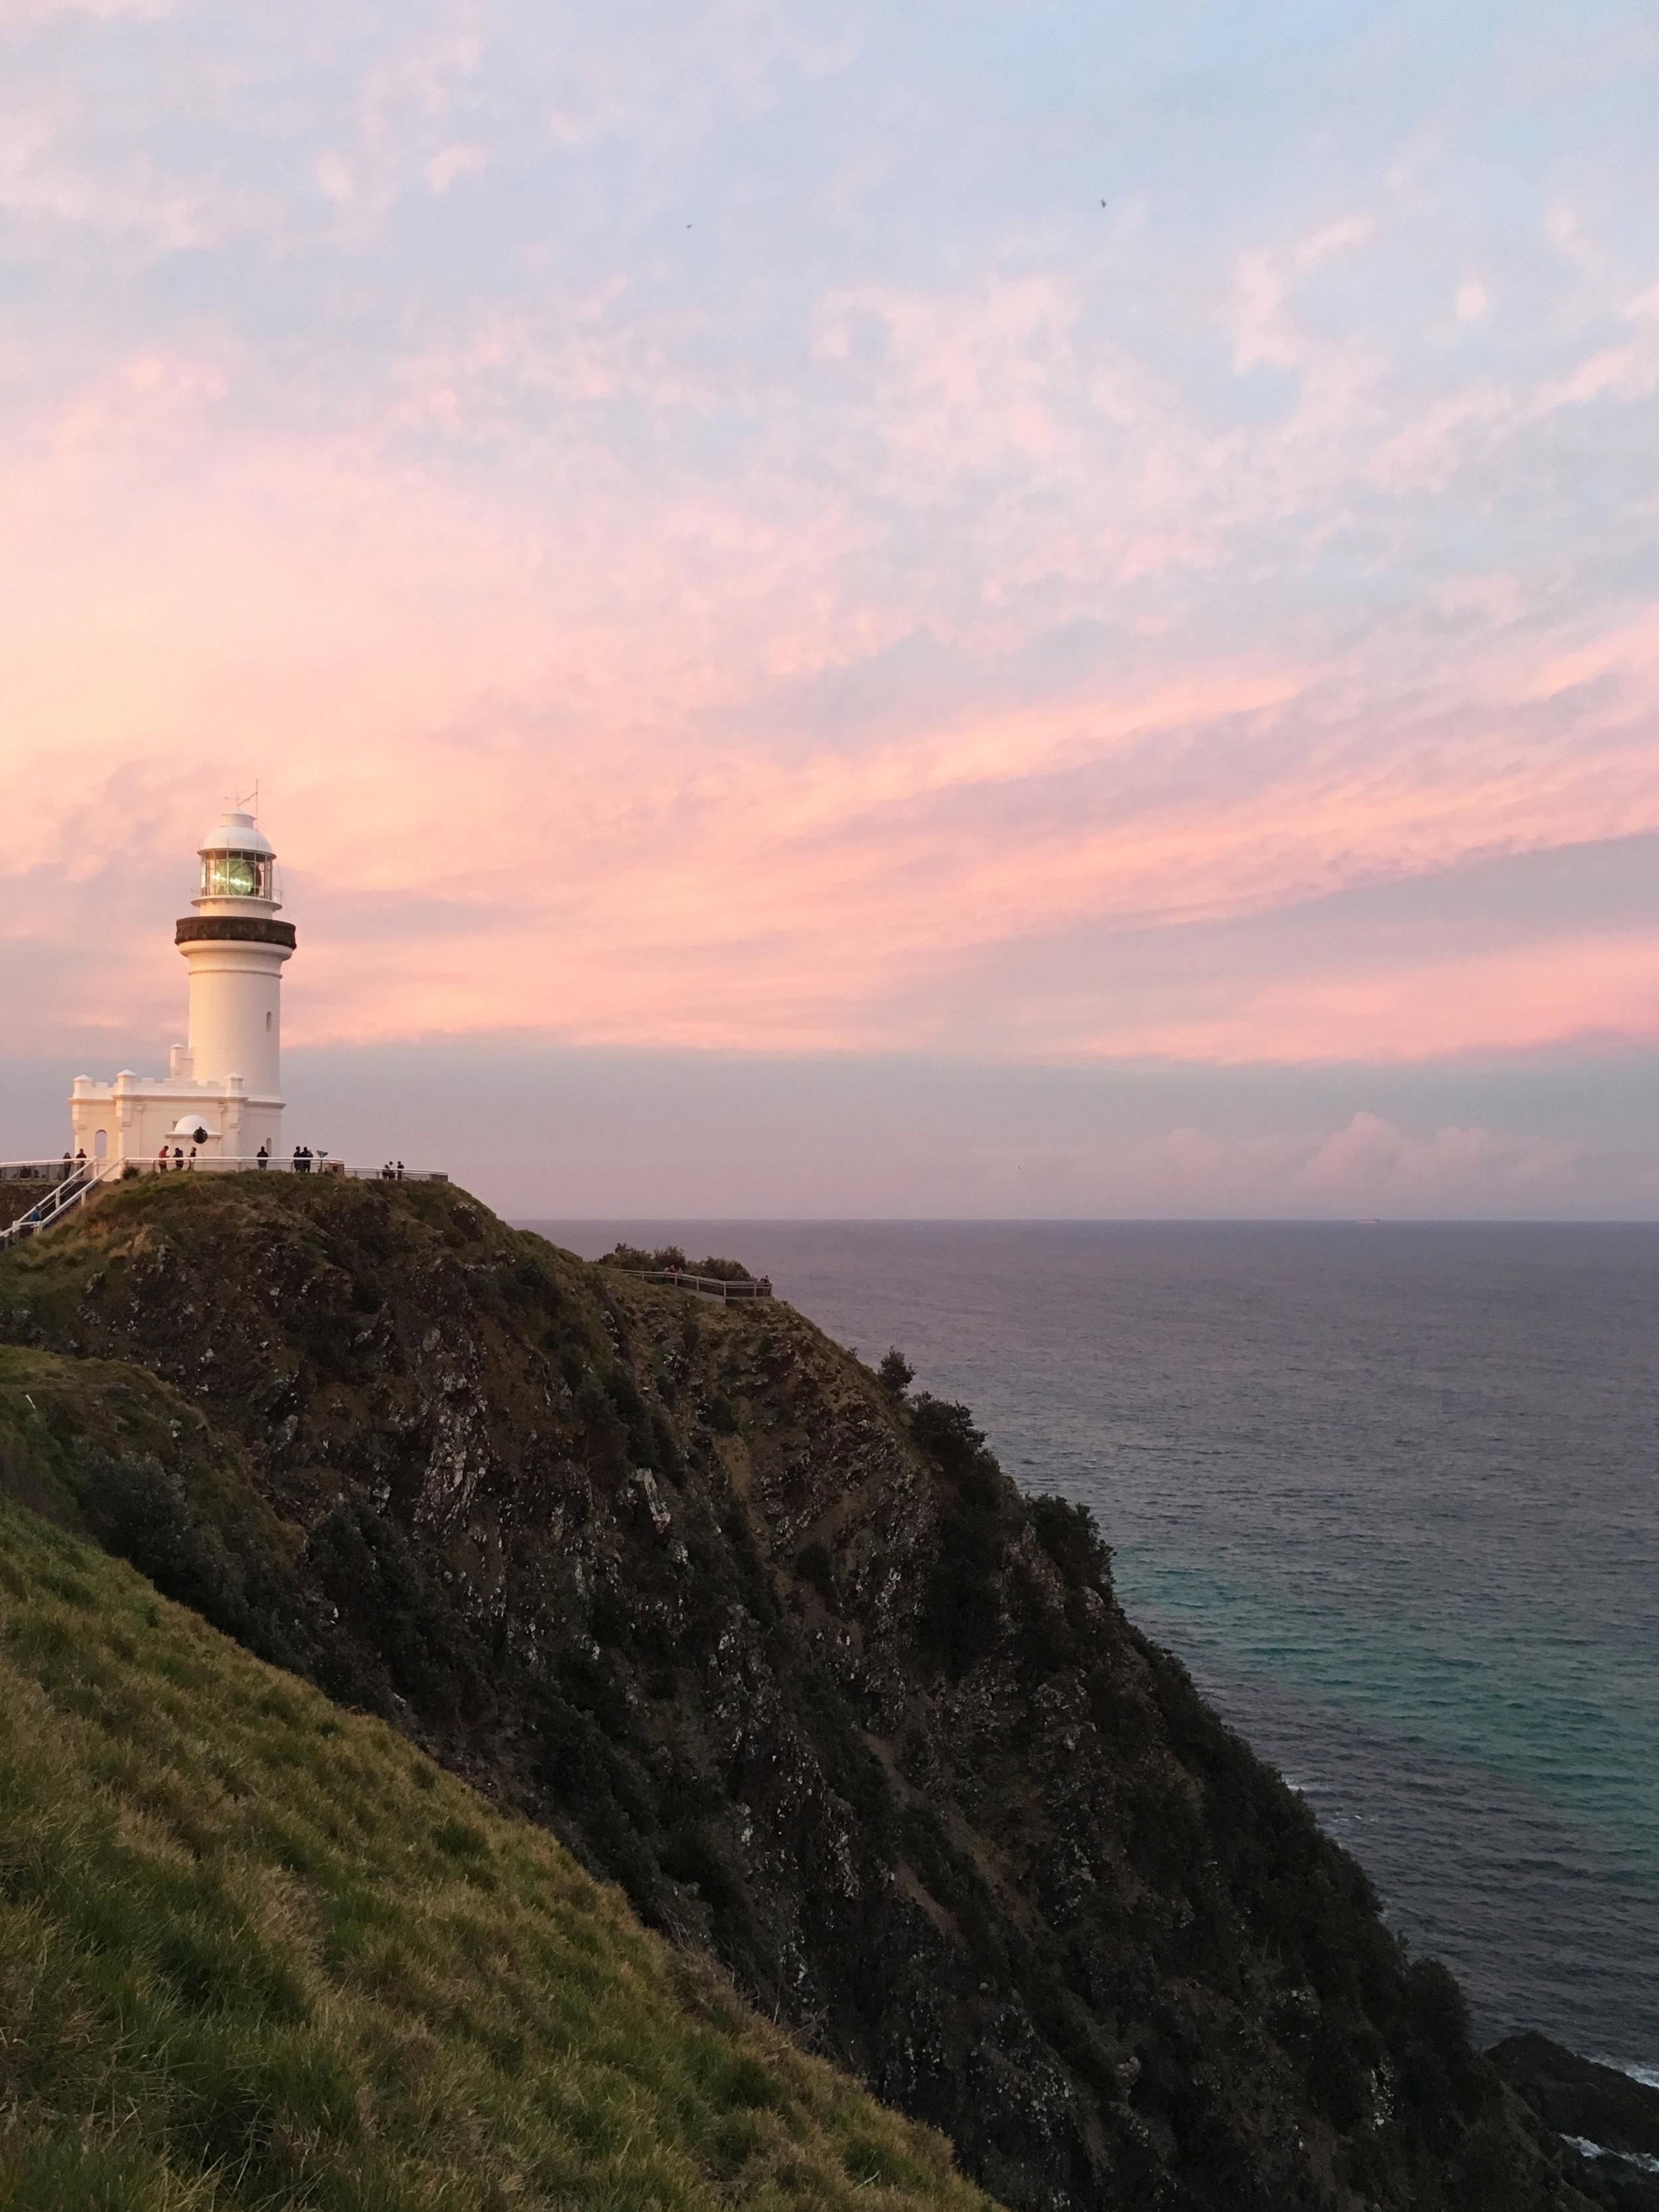 Lozidaze_Byron-Bay_Lighthouse_02